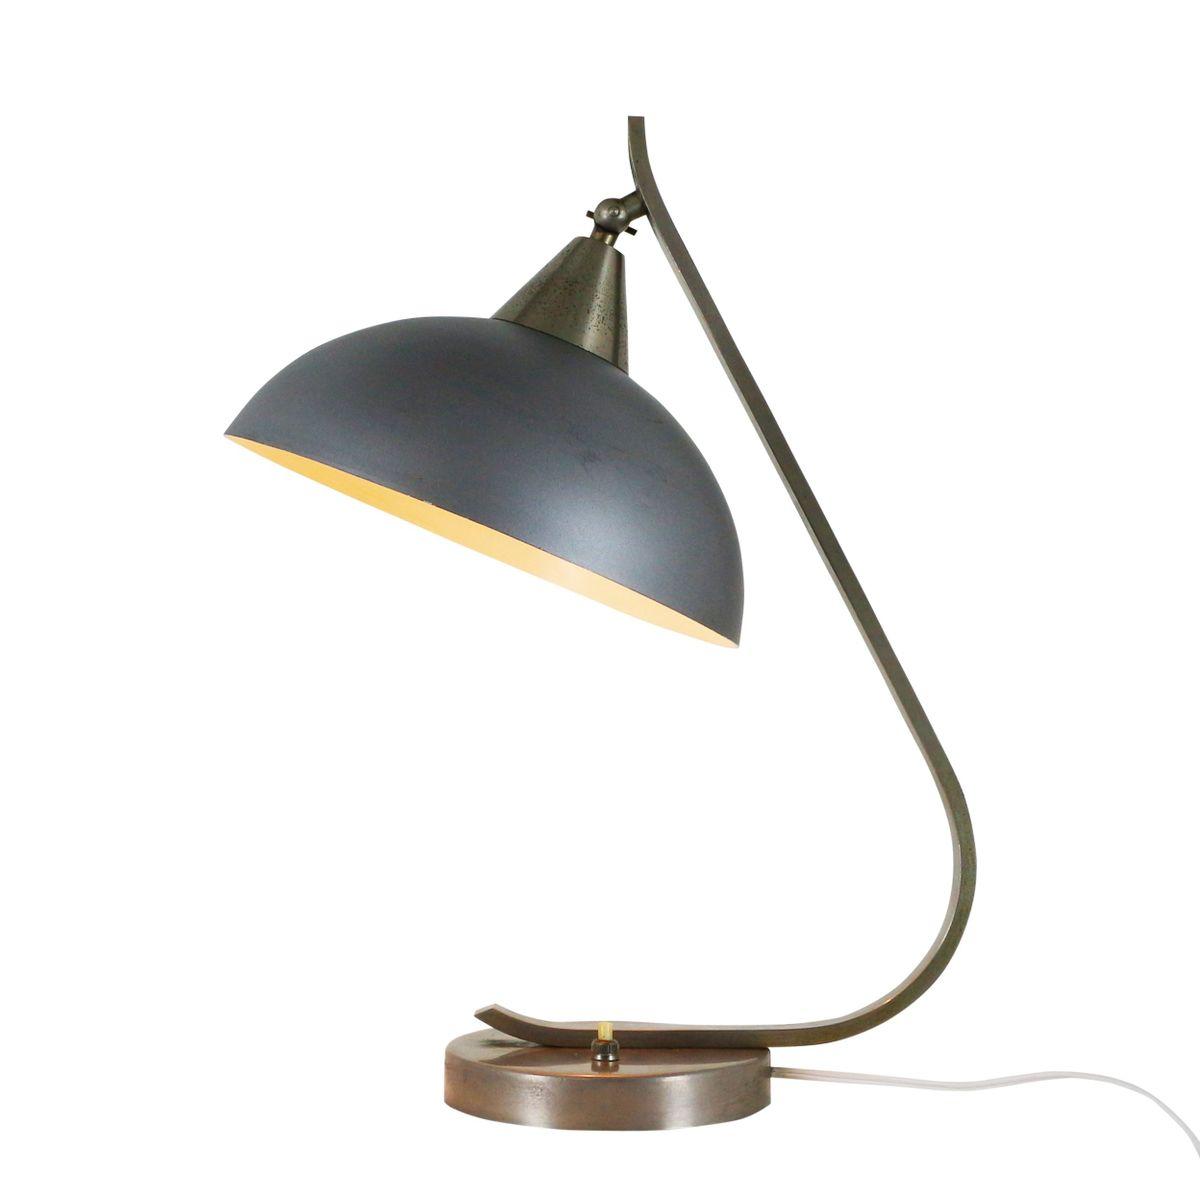 Blau-graue industrielle Tischlampe, 1950er